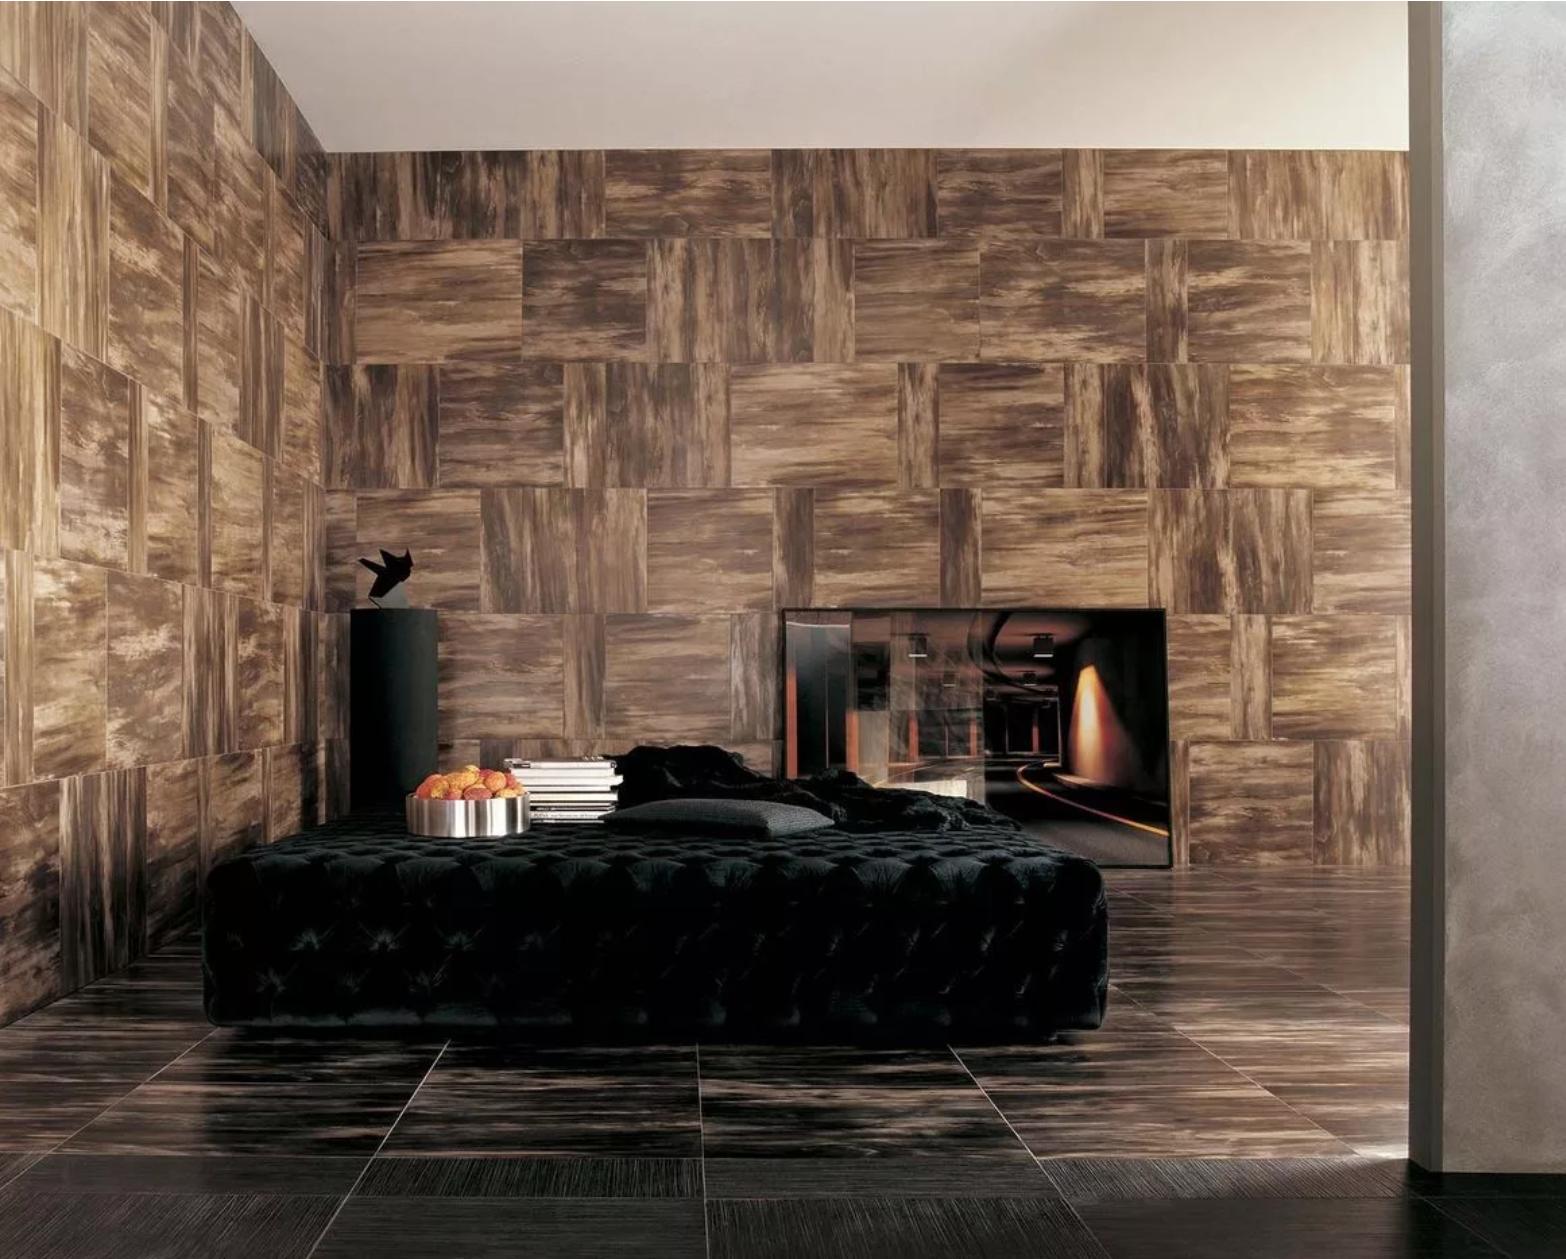 Можно ли класть плитку на деревянный пол: пошаговое руководство